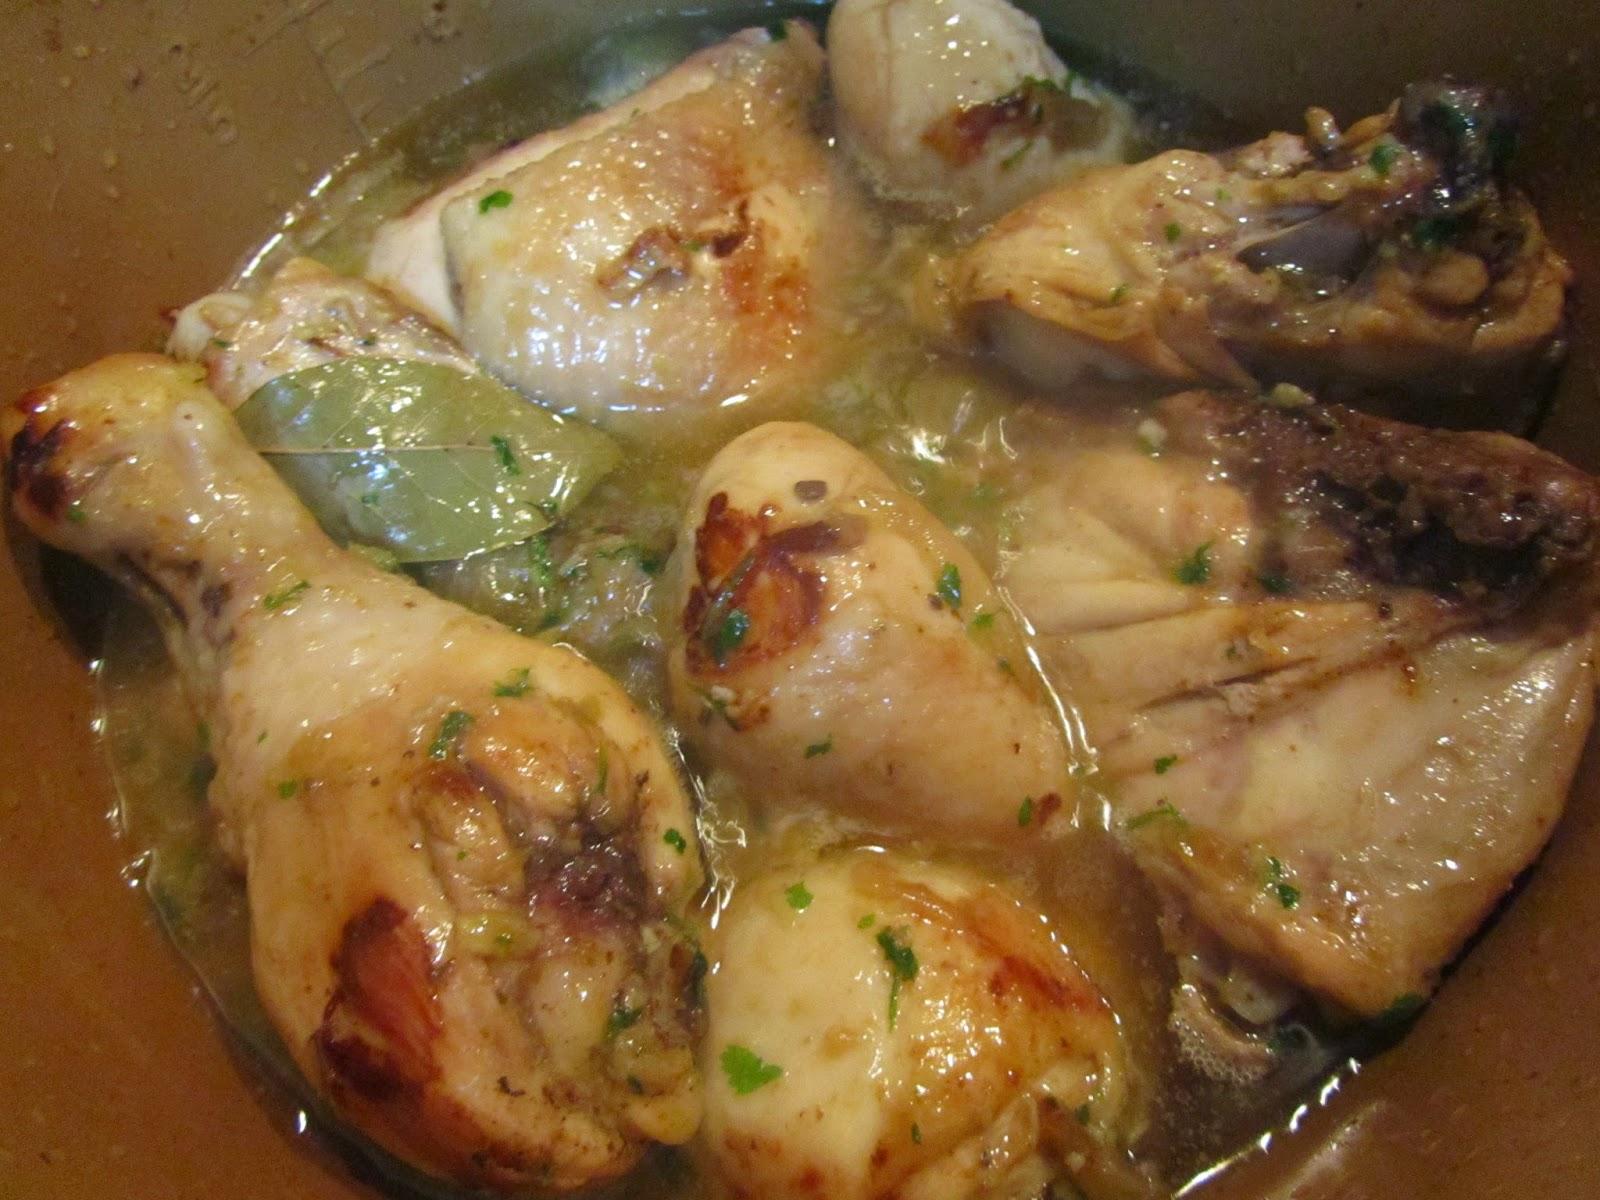 Pollo guisado de mamá